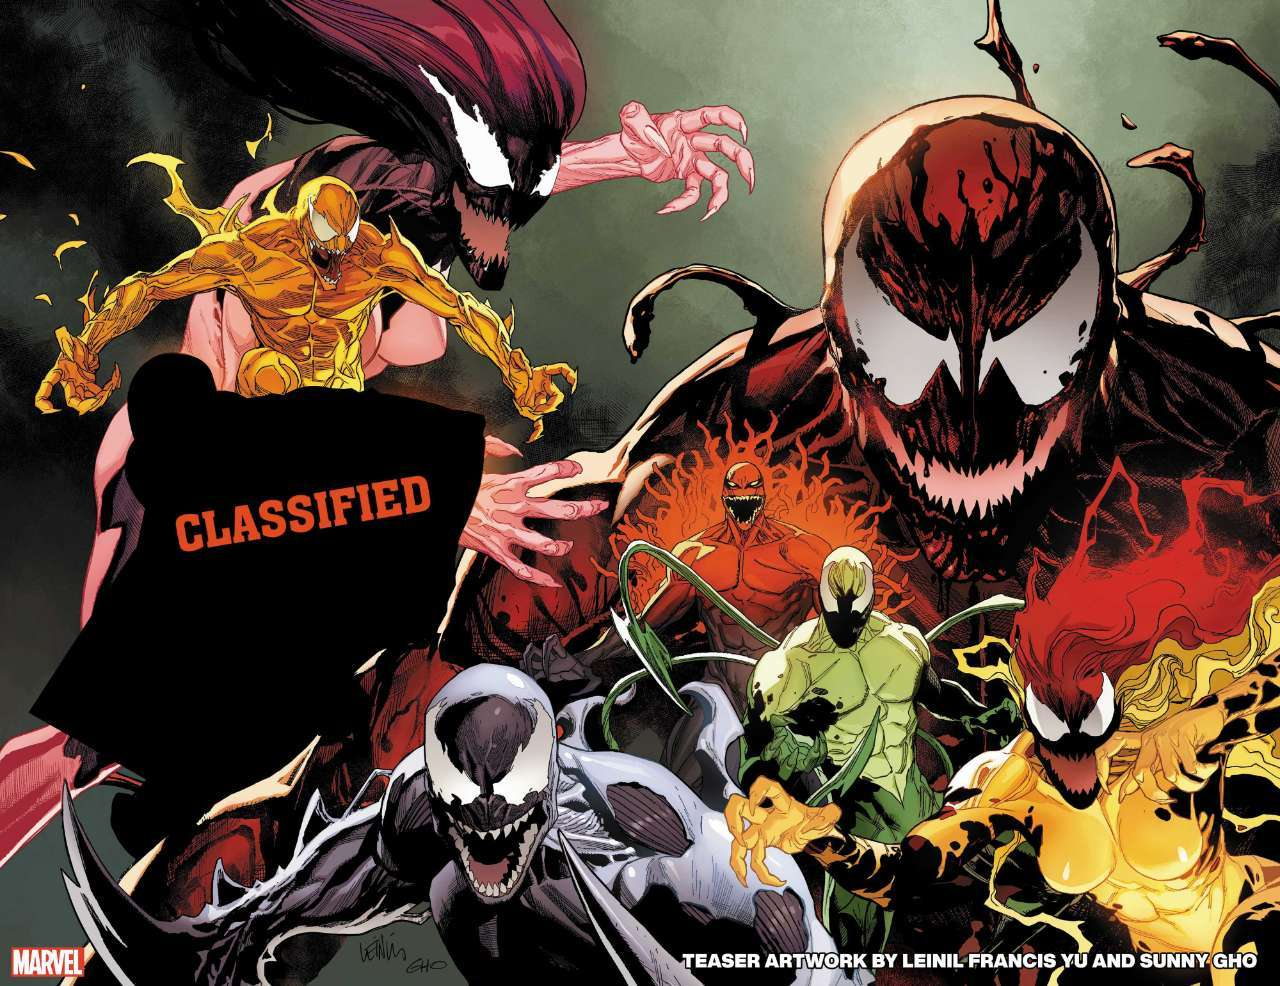 ¡Carnage al extremo! Marvel anuncia nueva saga del villano simbiótico 2